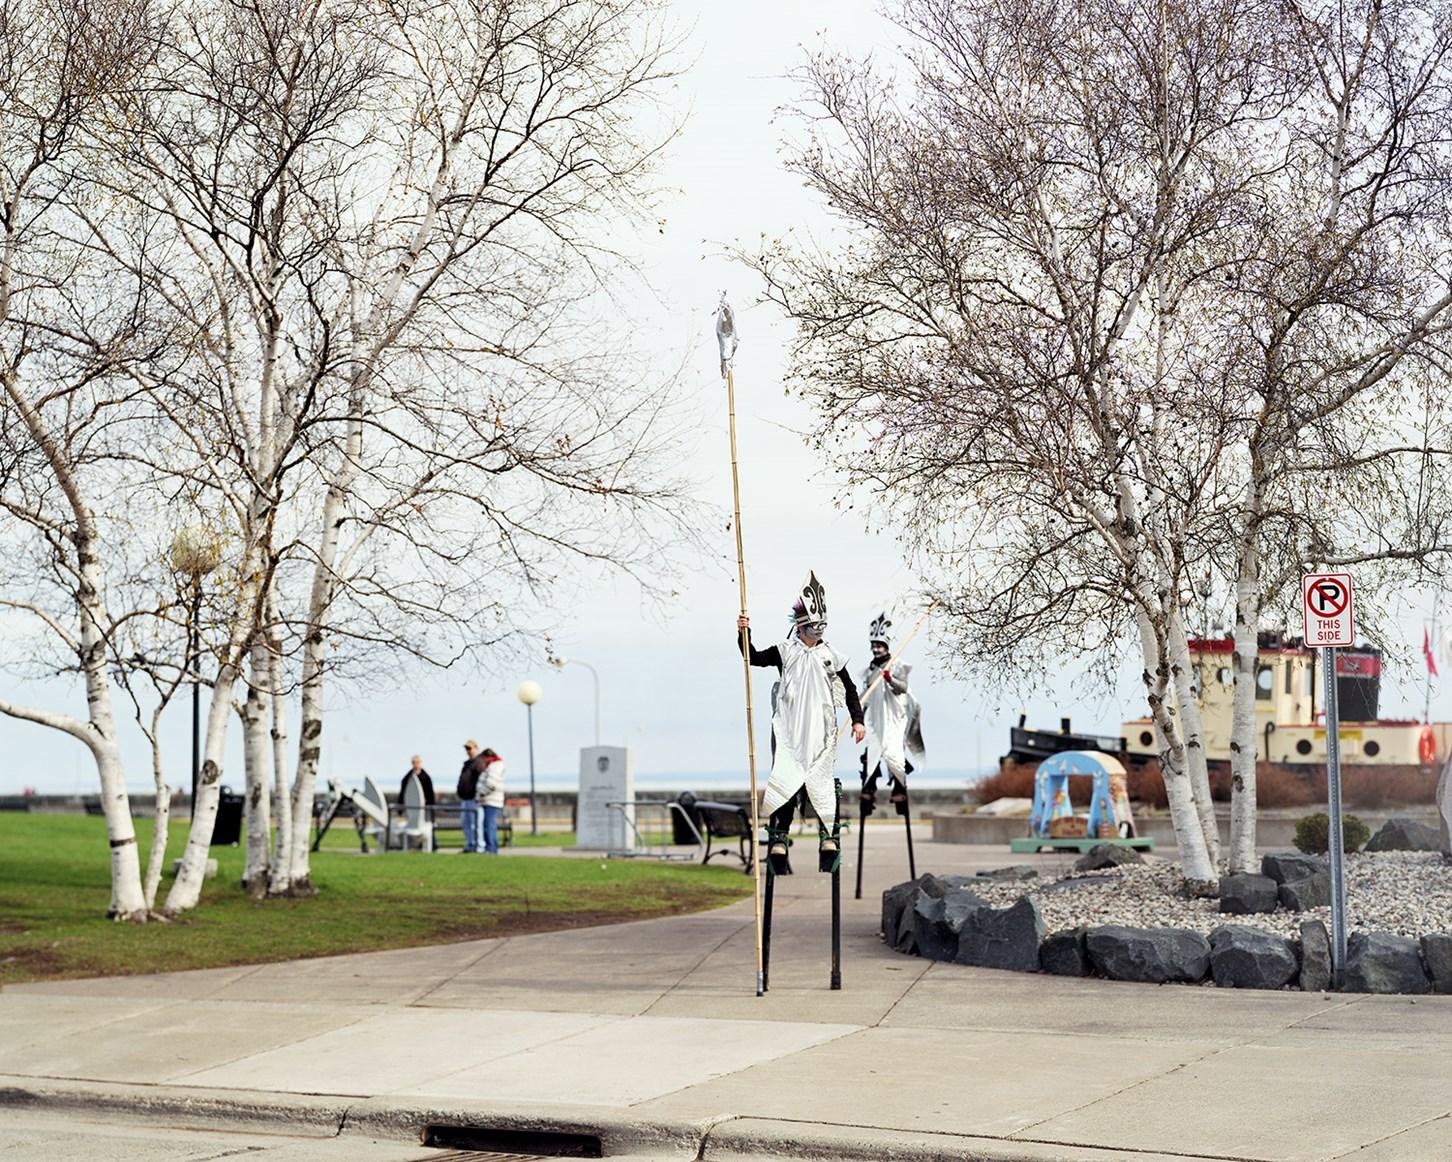 Stiltwalking Smelt, Duluth, Minnesota, April 2012